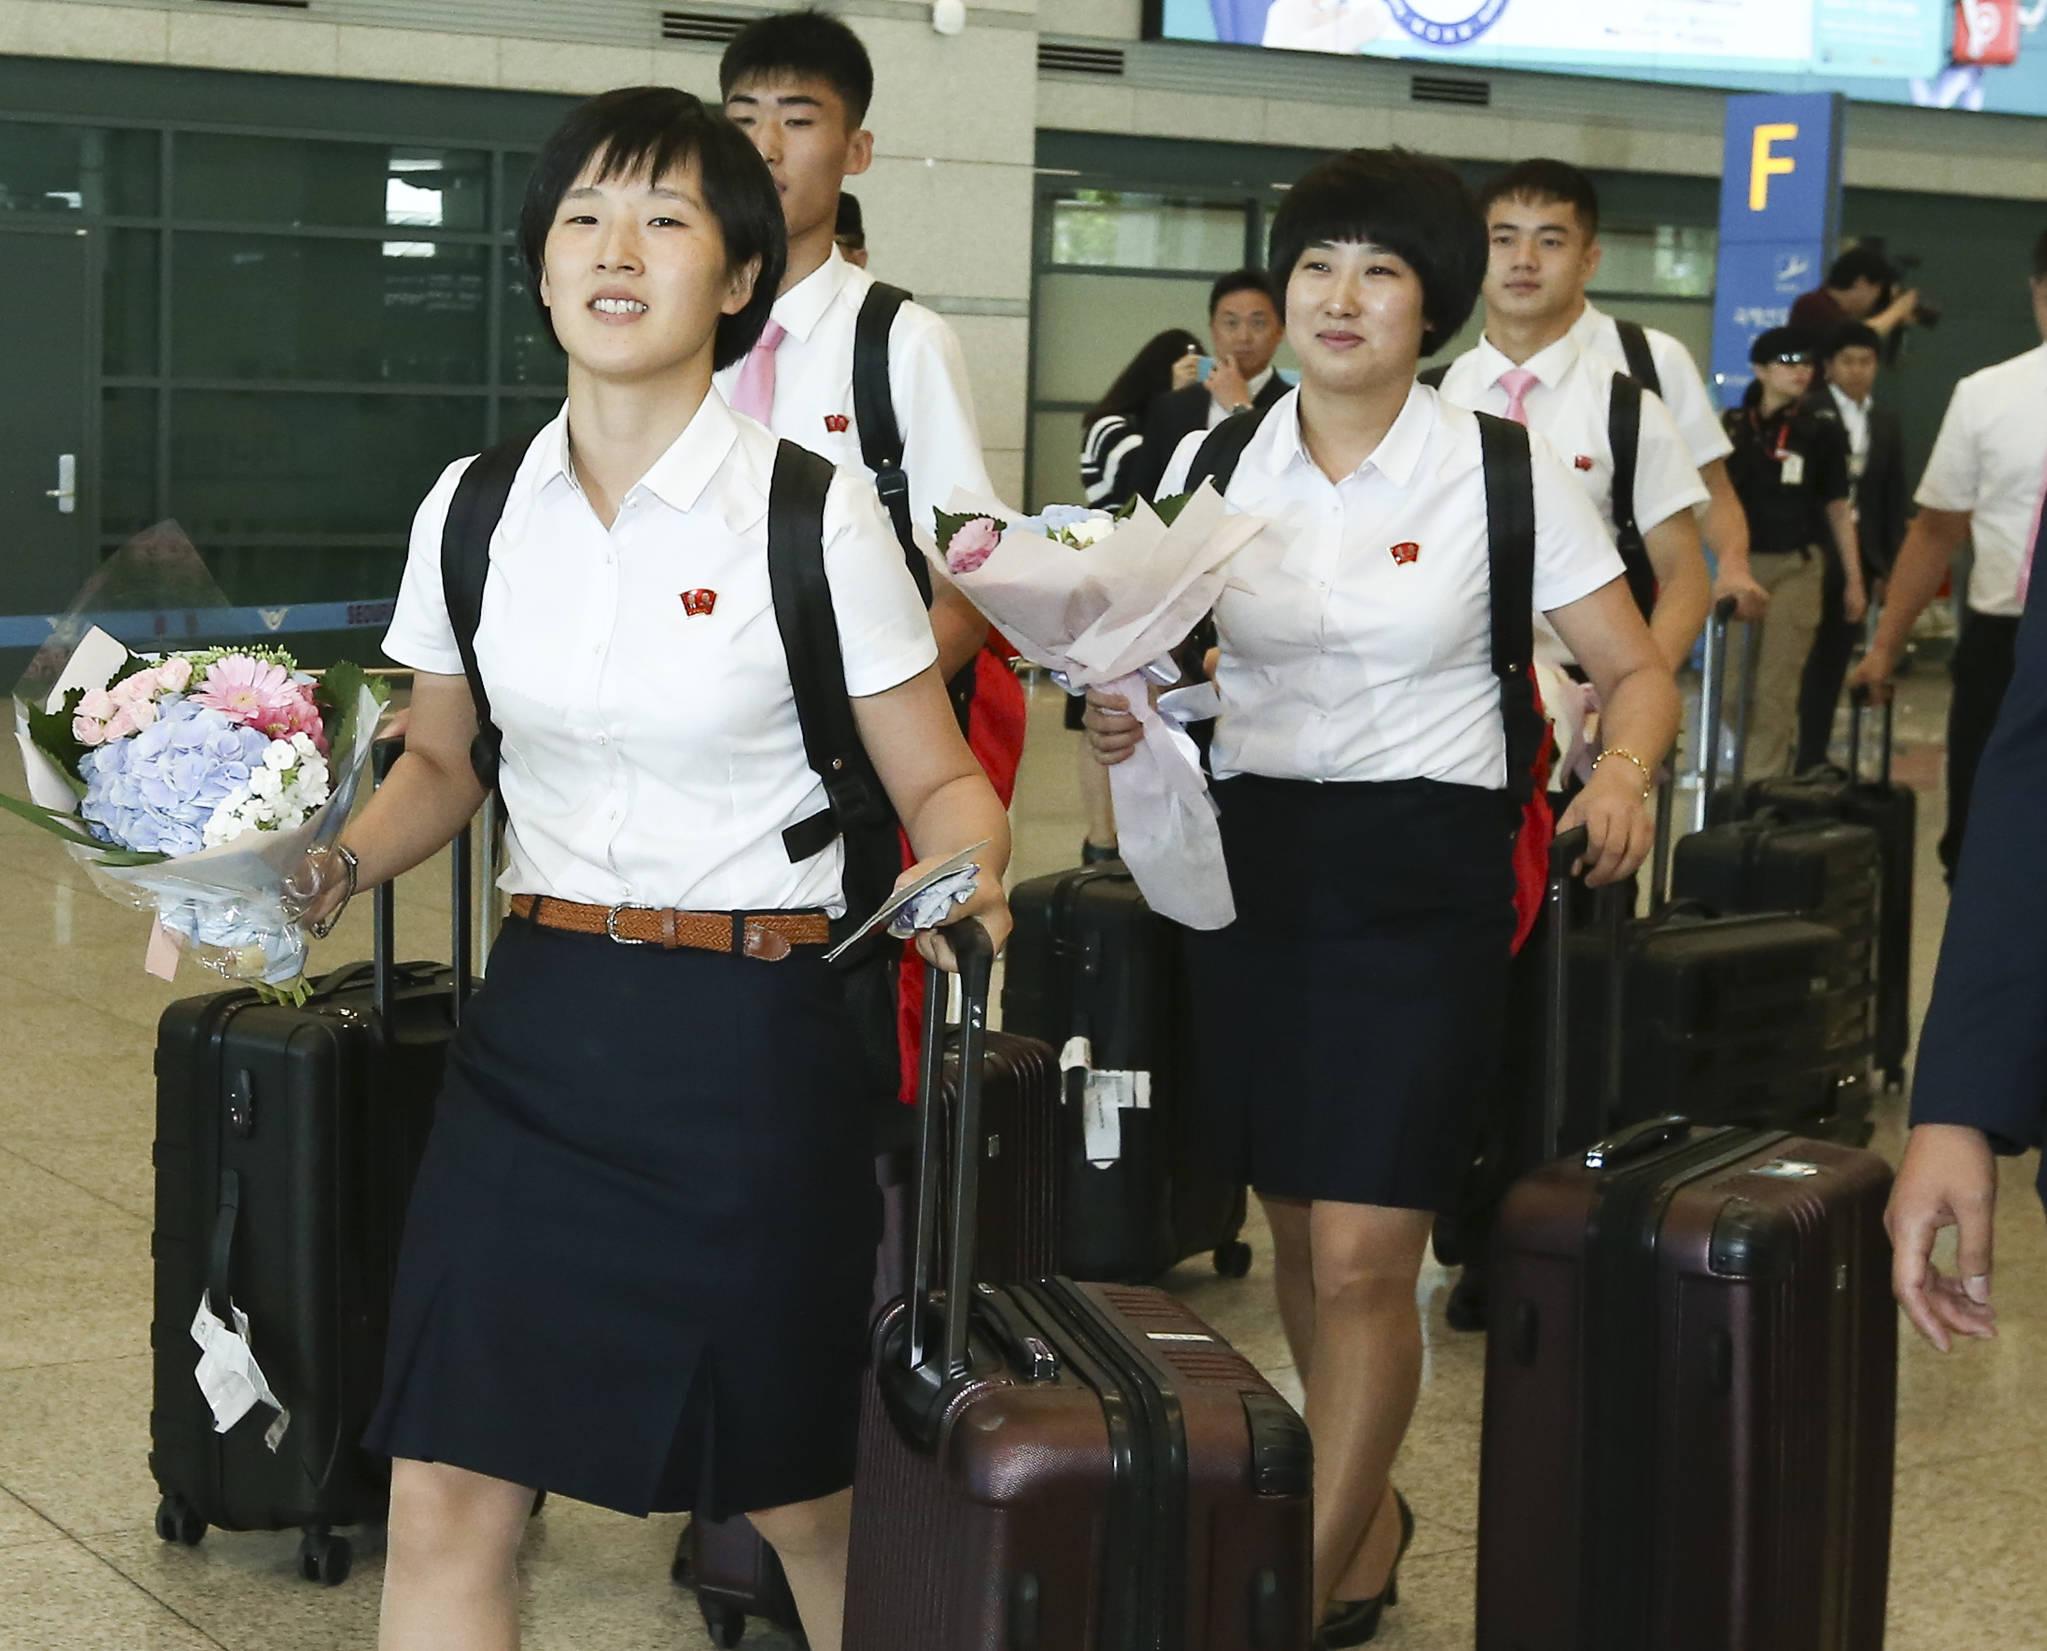 국제탁구연맹(ITTF) 투어 대회인 2018 코리아오픈 국제탁구대회에 참가하는 북한 탁구대표팀 선수들이 15일 오후 인천국제공항을 통해 입국하고 있다. 임현동 기자